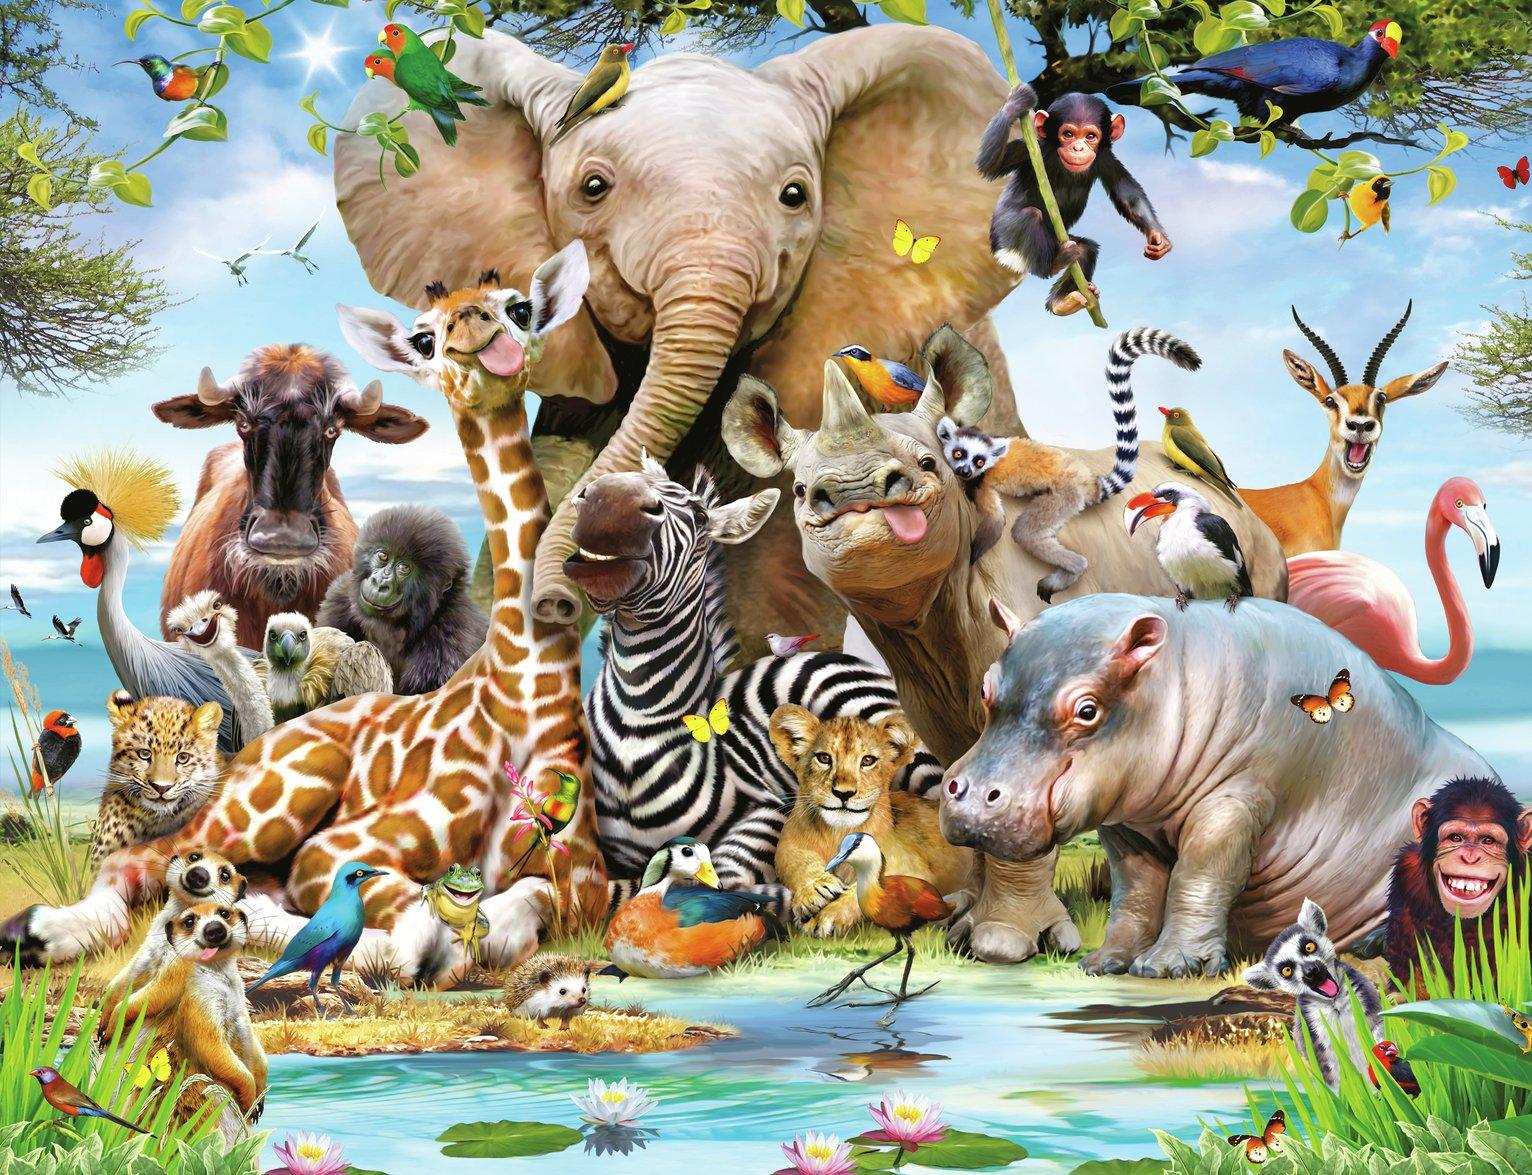 Walltastic Jungle Safari Wall Mural